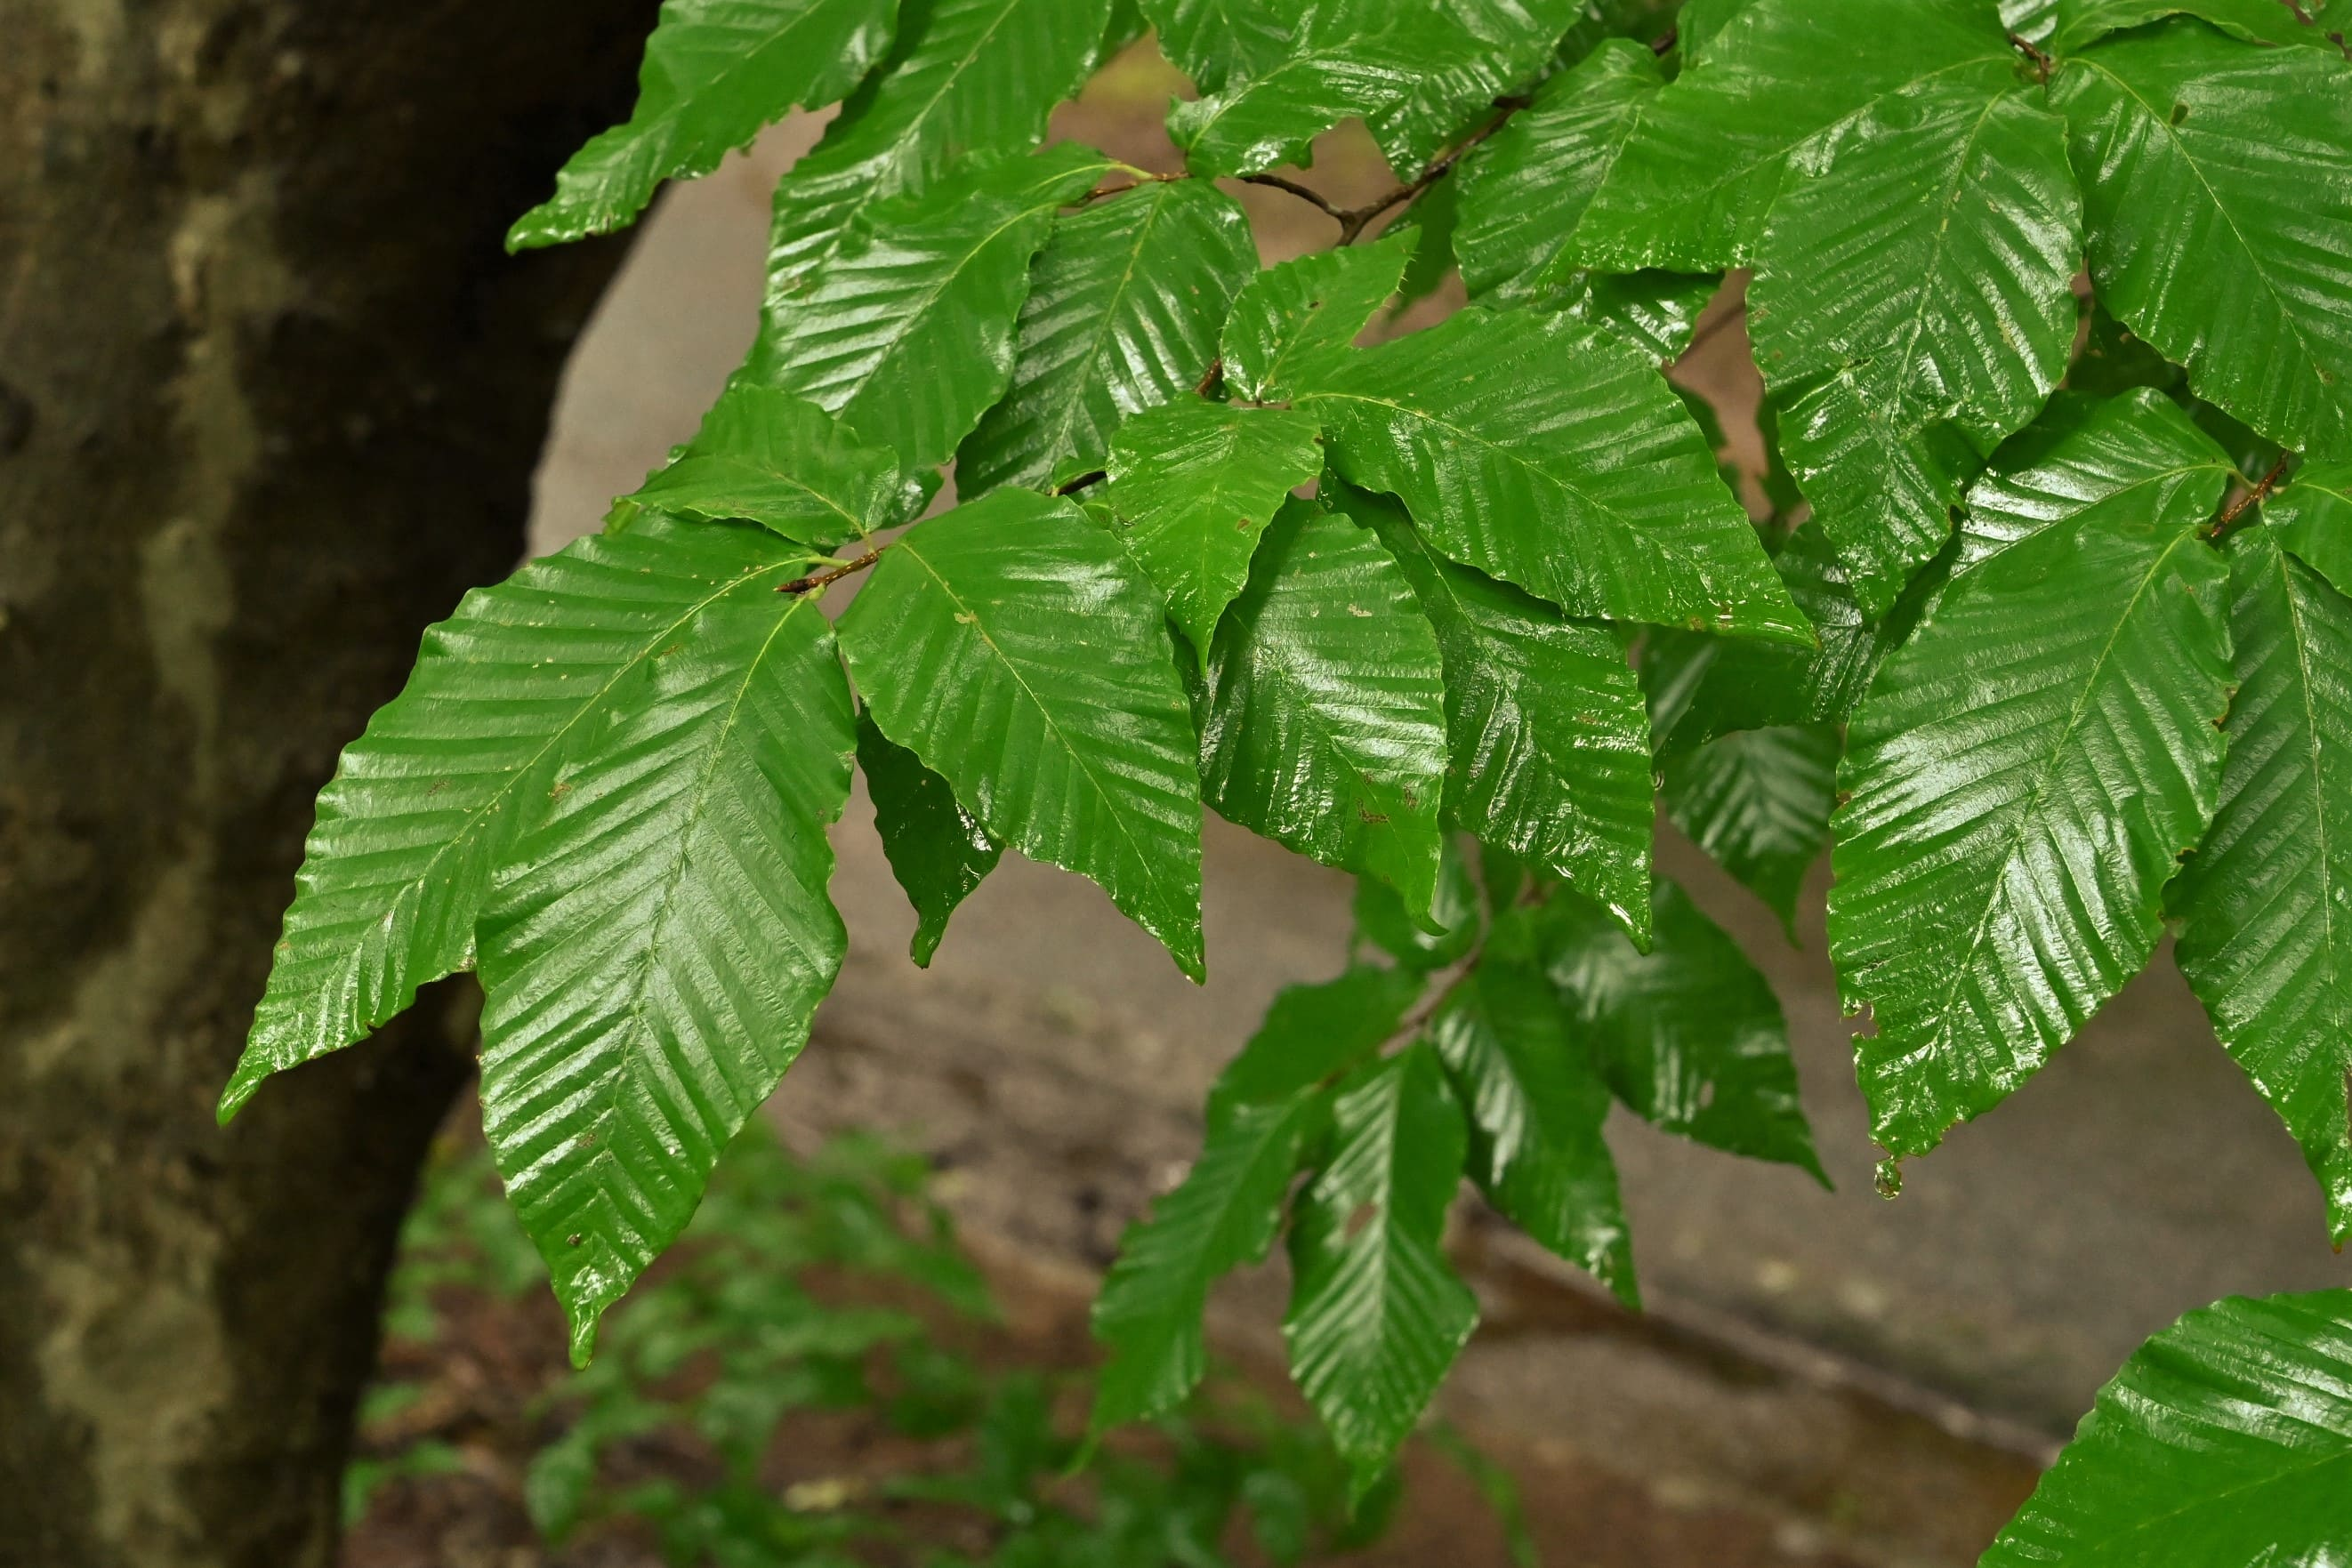 犬山毛欅の葉 特徴